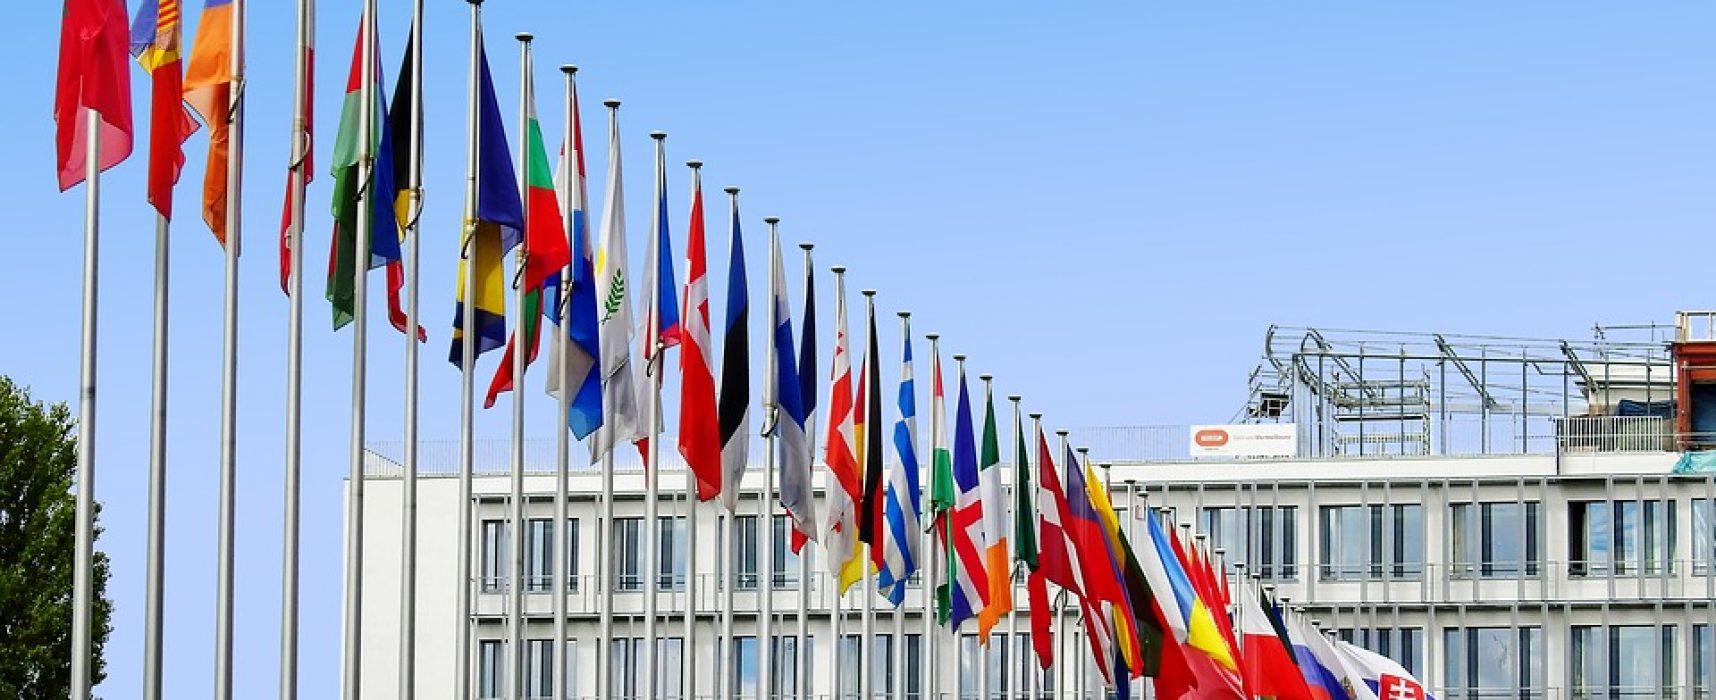 Еврокомиссия подводит итоги борьбы с дезинформацией